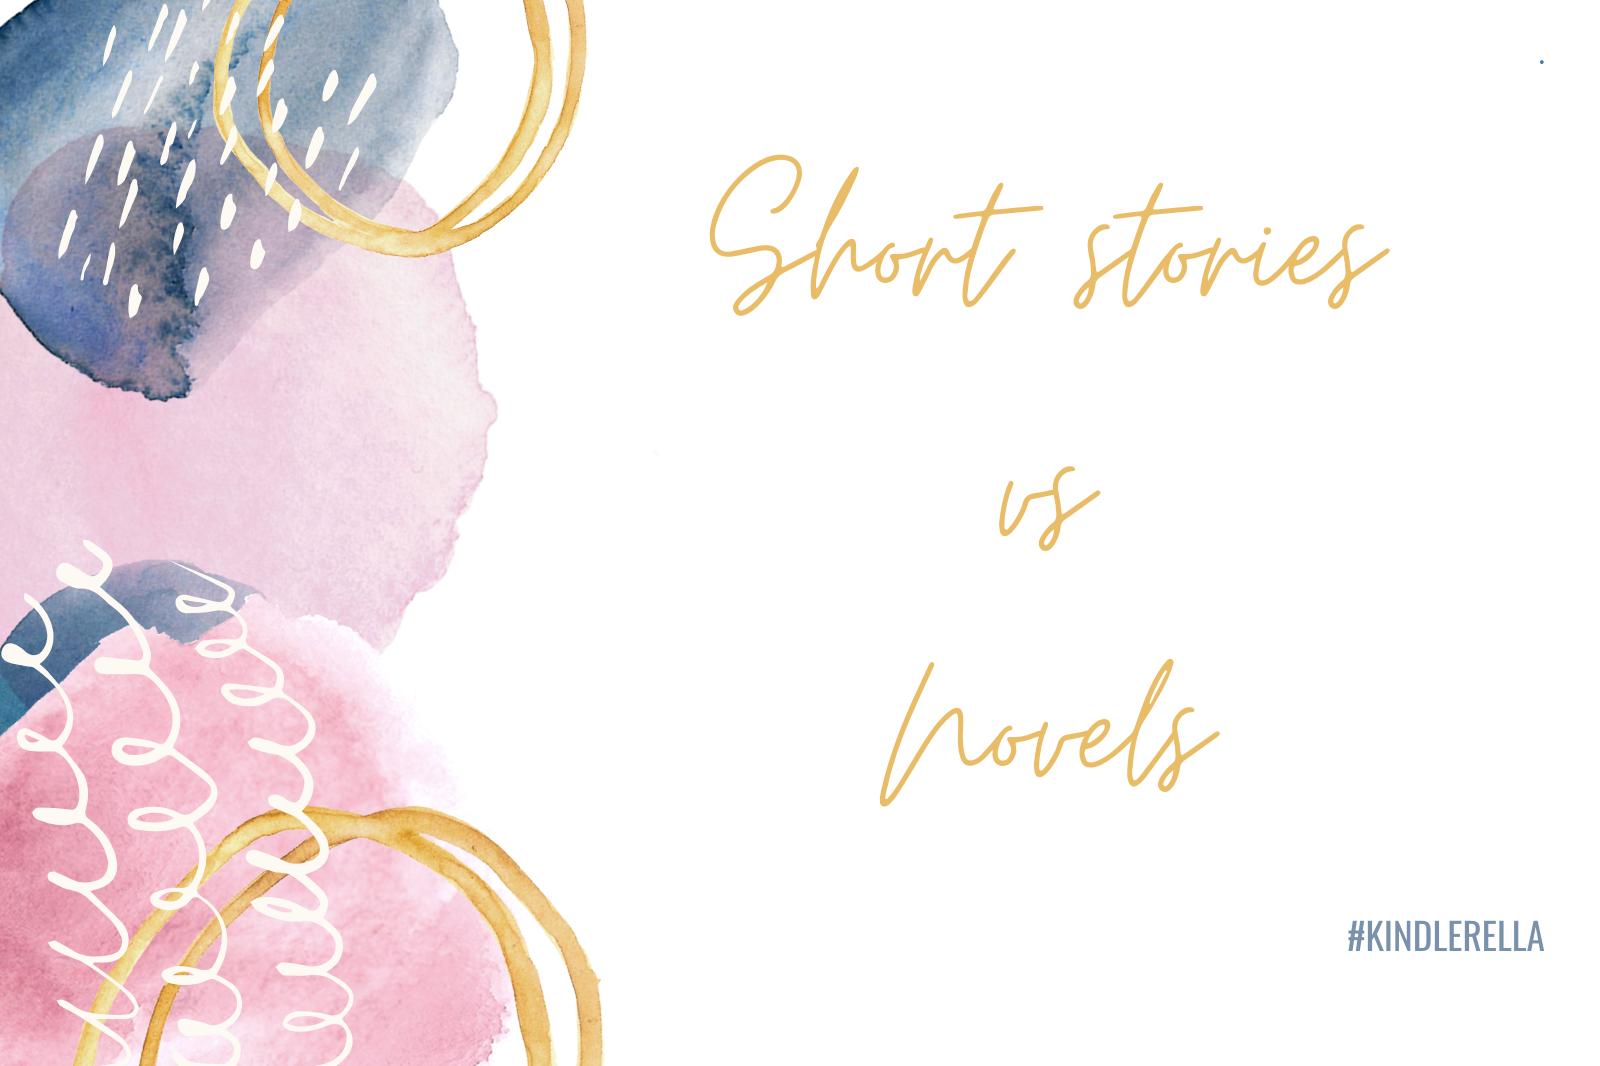 short stories vs novels